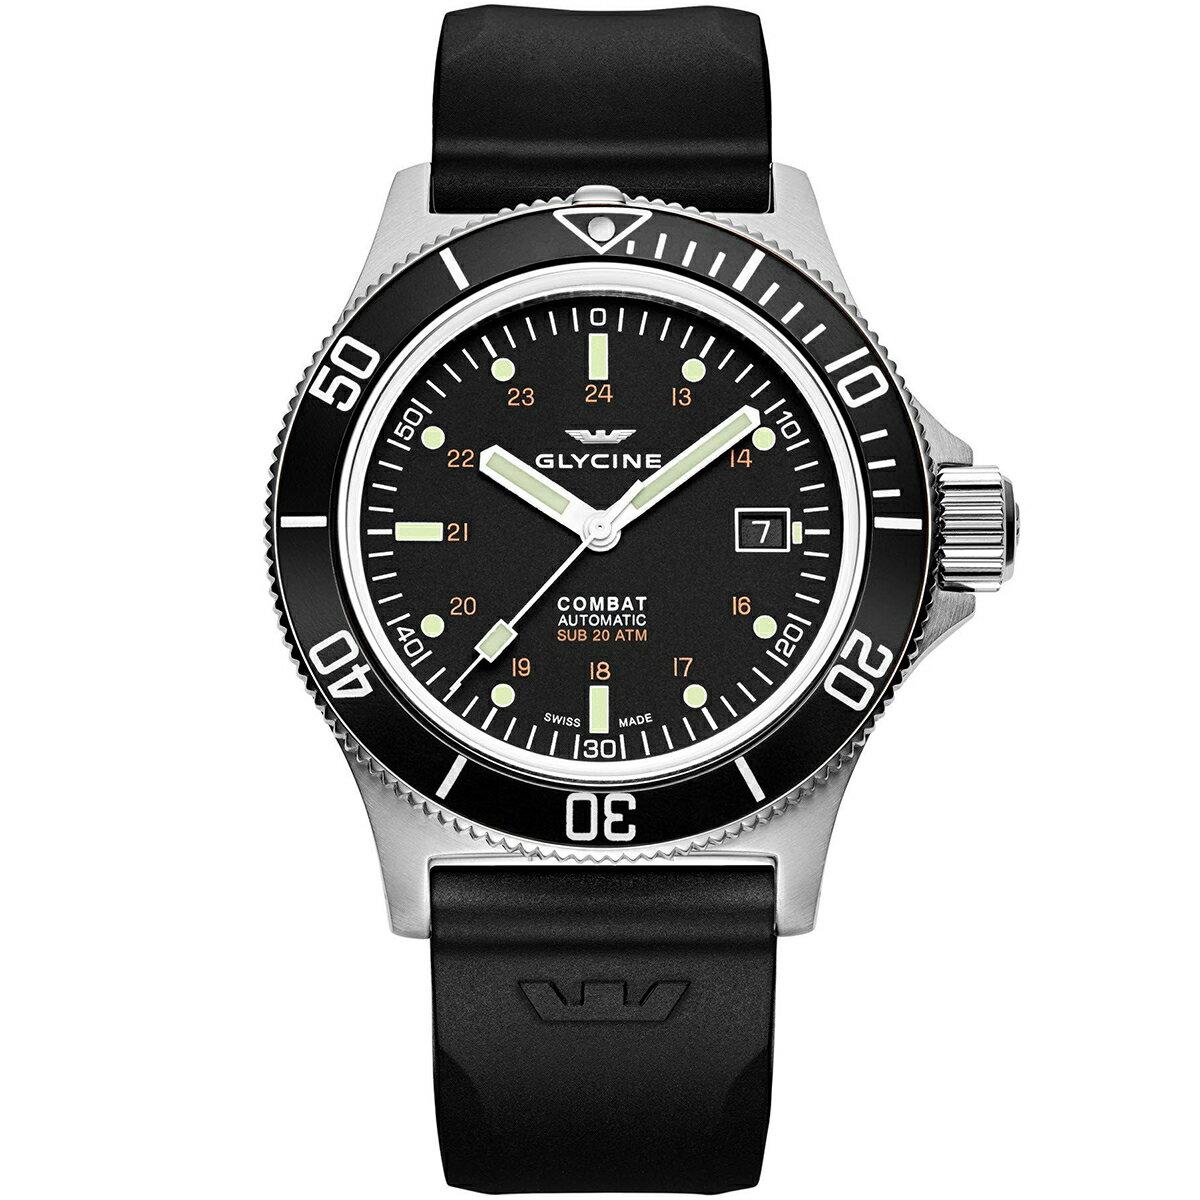 グライシン グリシン GLYCINE コンバット サブ COMBAT SUB 42 GL0087 メンズ 時計 腕時計 自動巻き オートマチック スイス製 スイスメイド パイロット